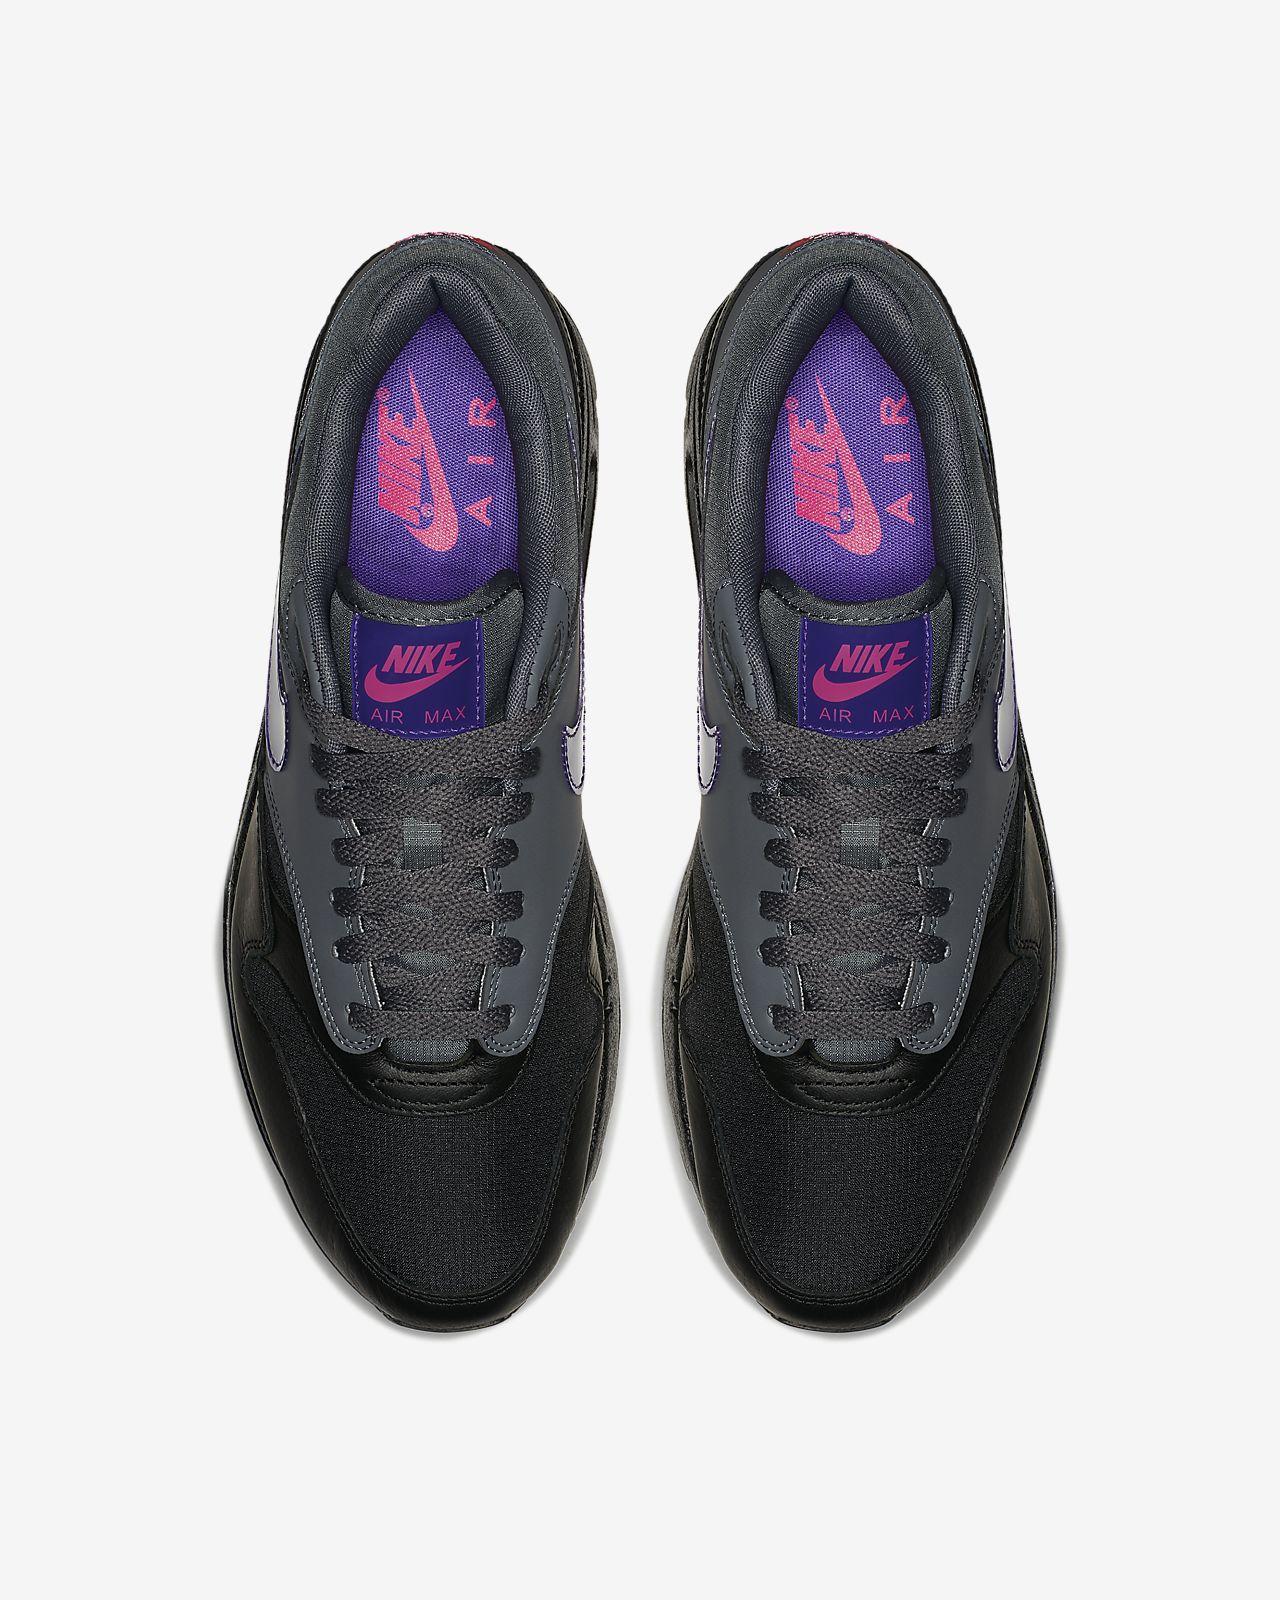 Nike Air Max 1 Popular